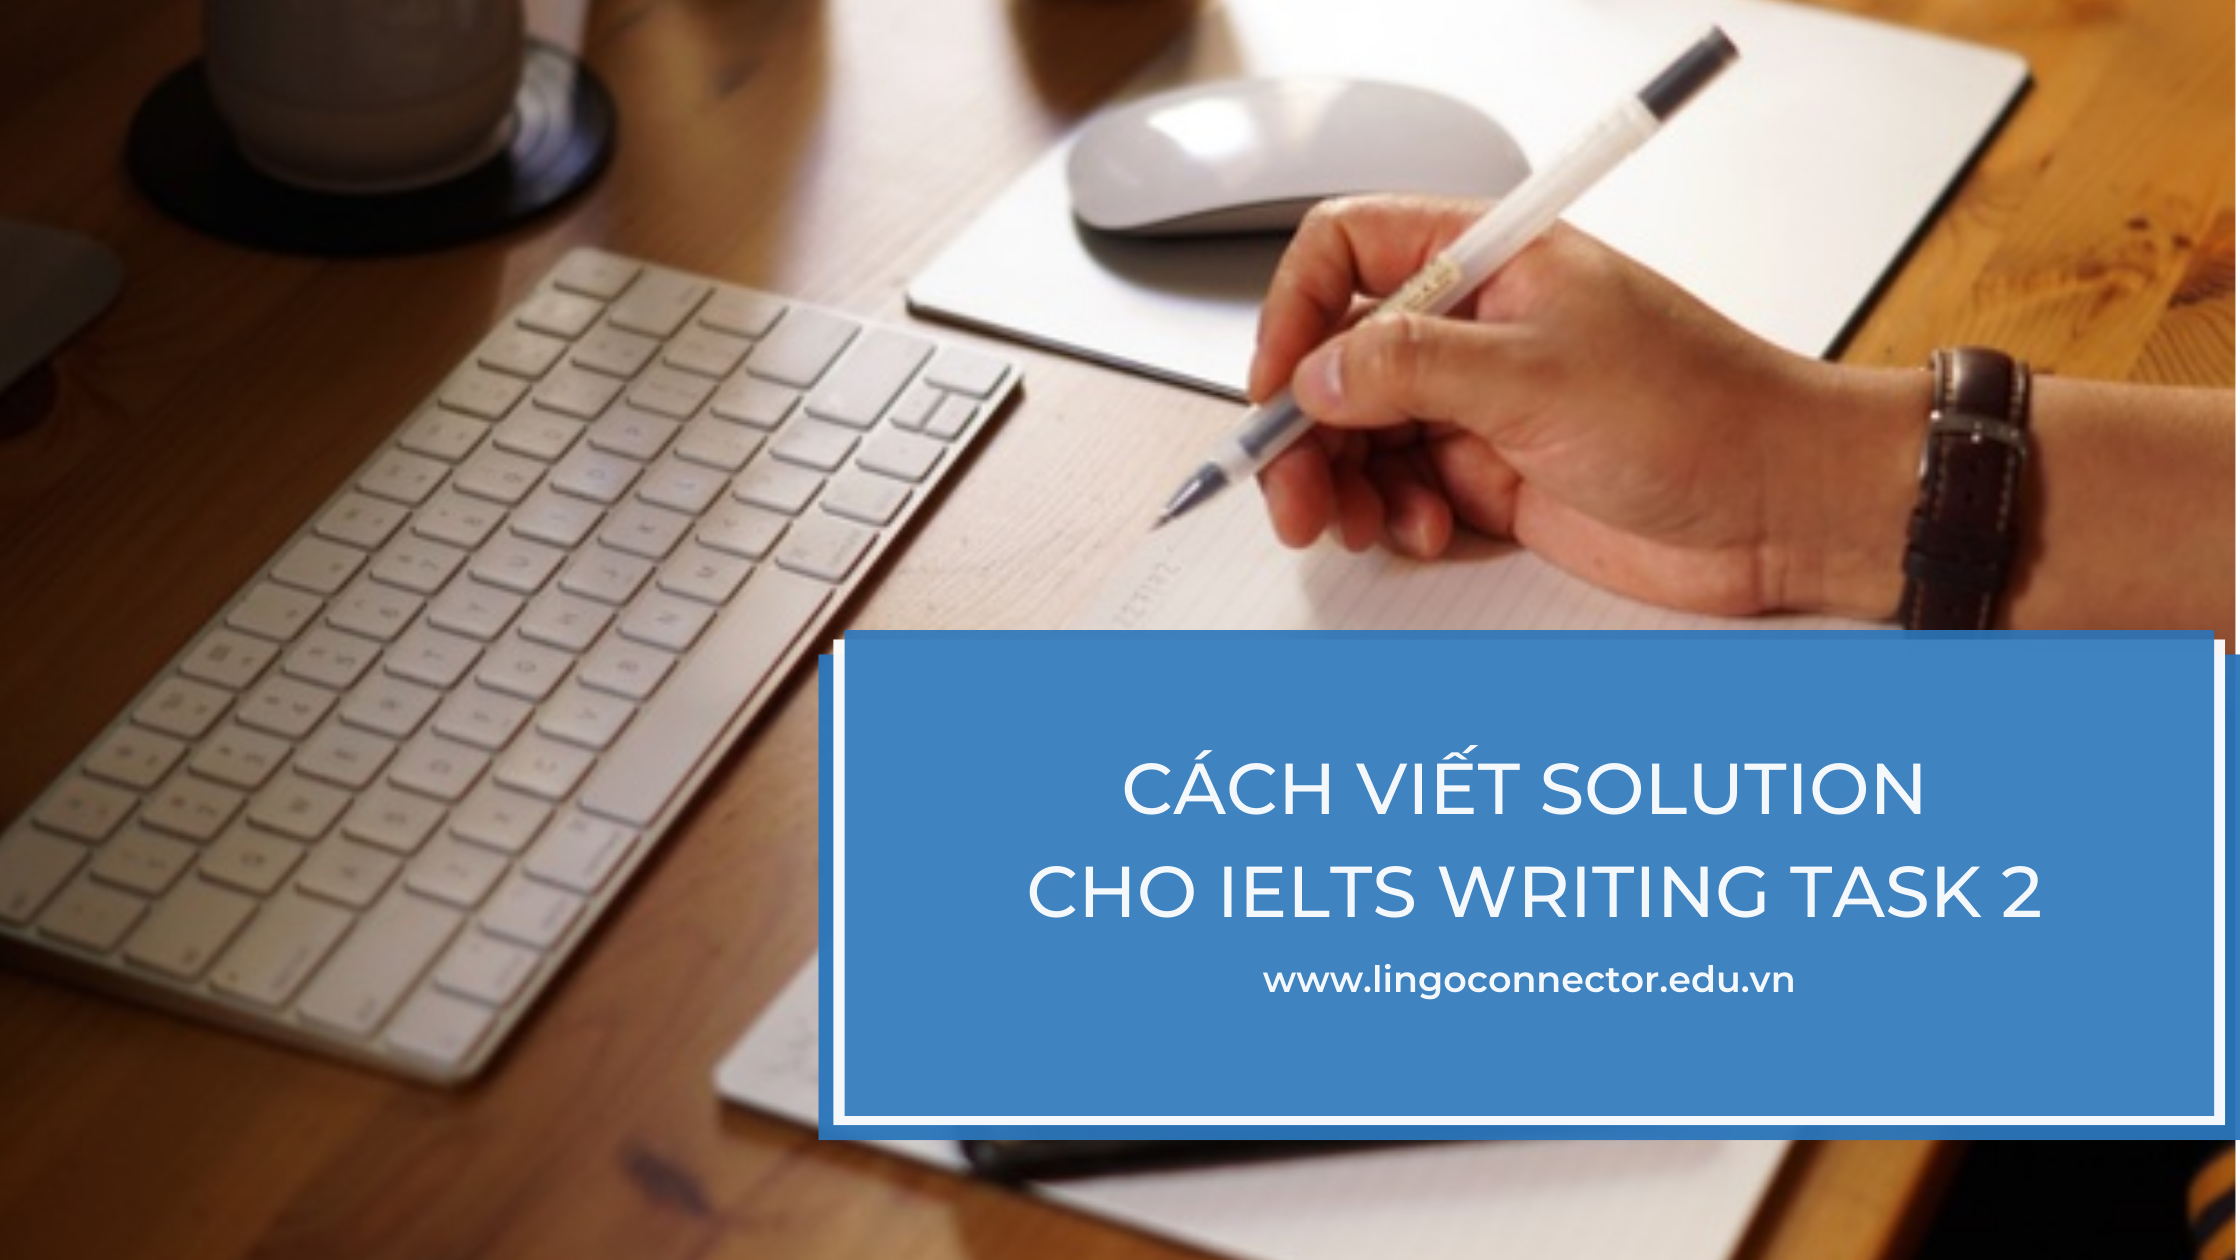 Cách viết solution cho IELTS Writing task 2